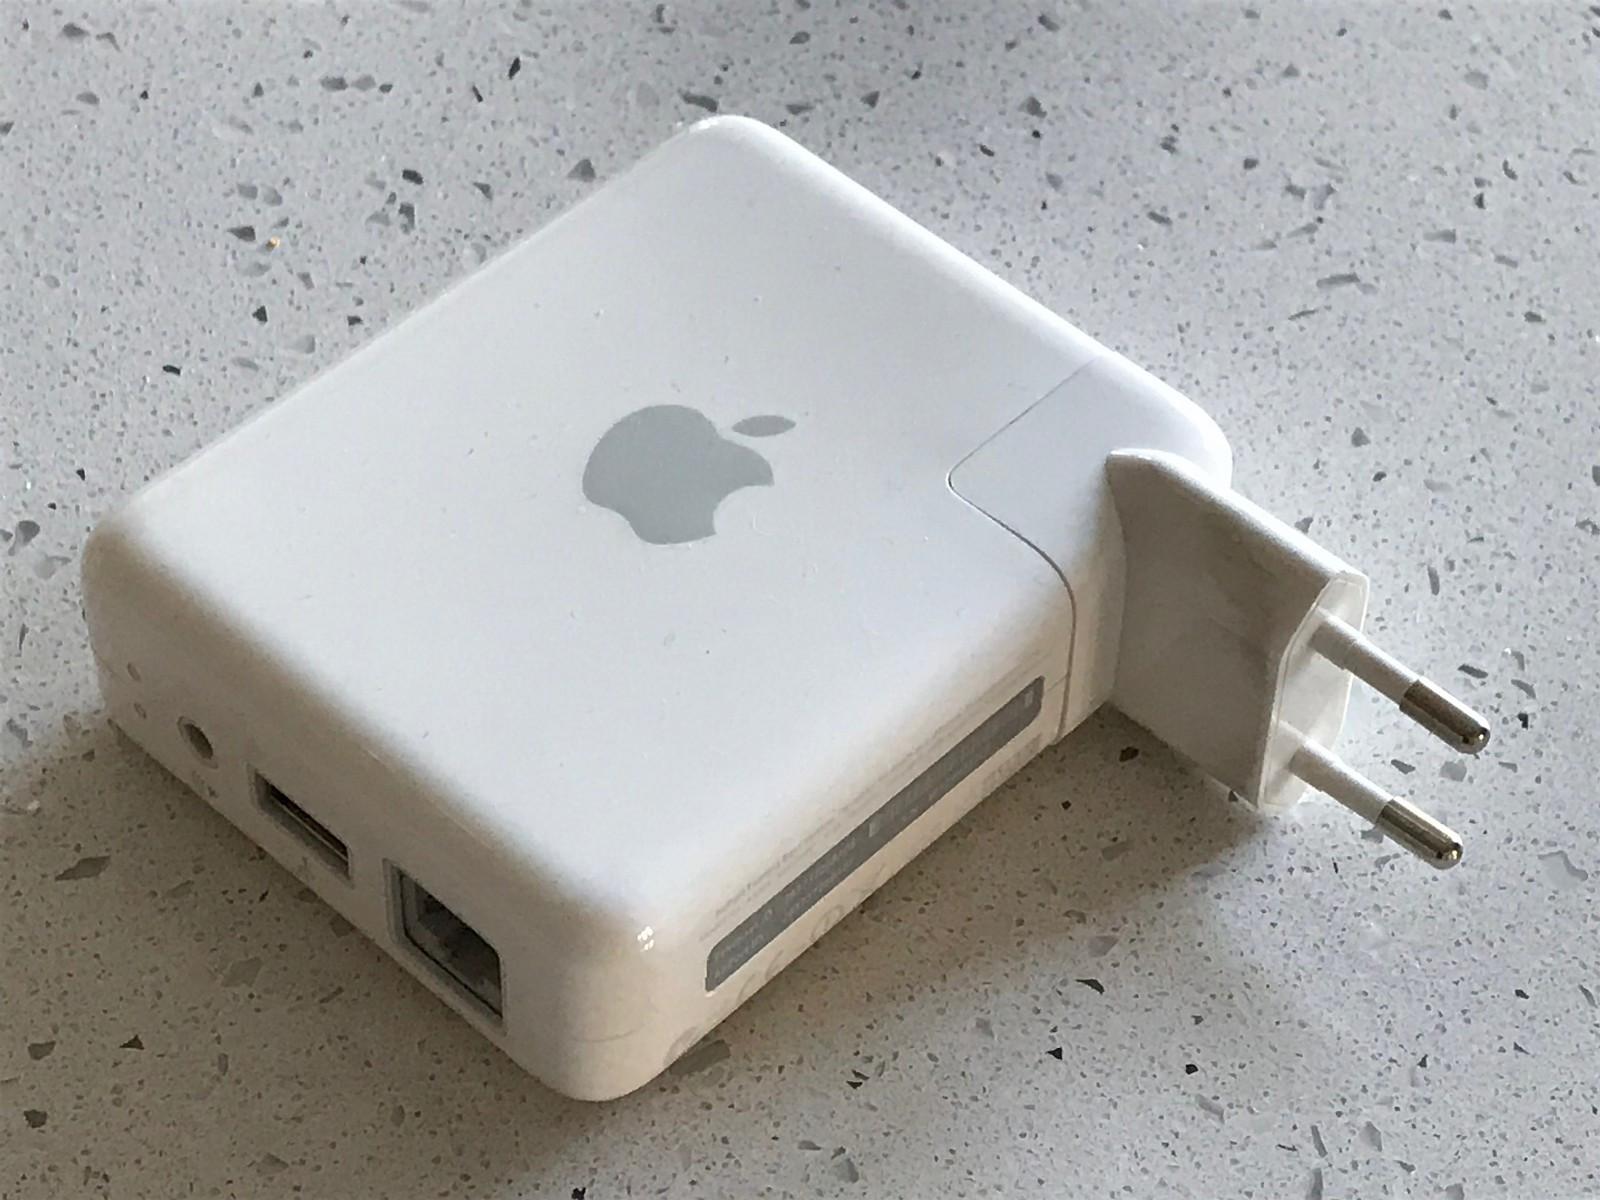 Apple AirPort Express - Oslo  - 10/100 Ethernet WAN eller LAN port Analog/digital audio output jack USB Printer Port (Har blitt brukt for å aktivere AirPlay for Sonos.) - Oslo